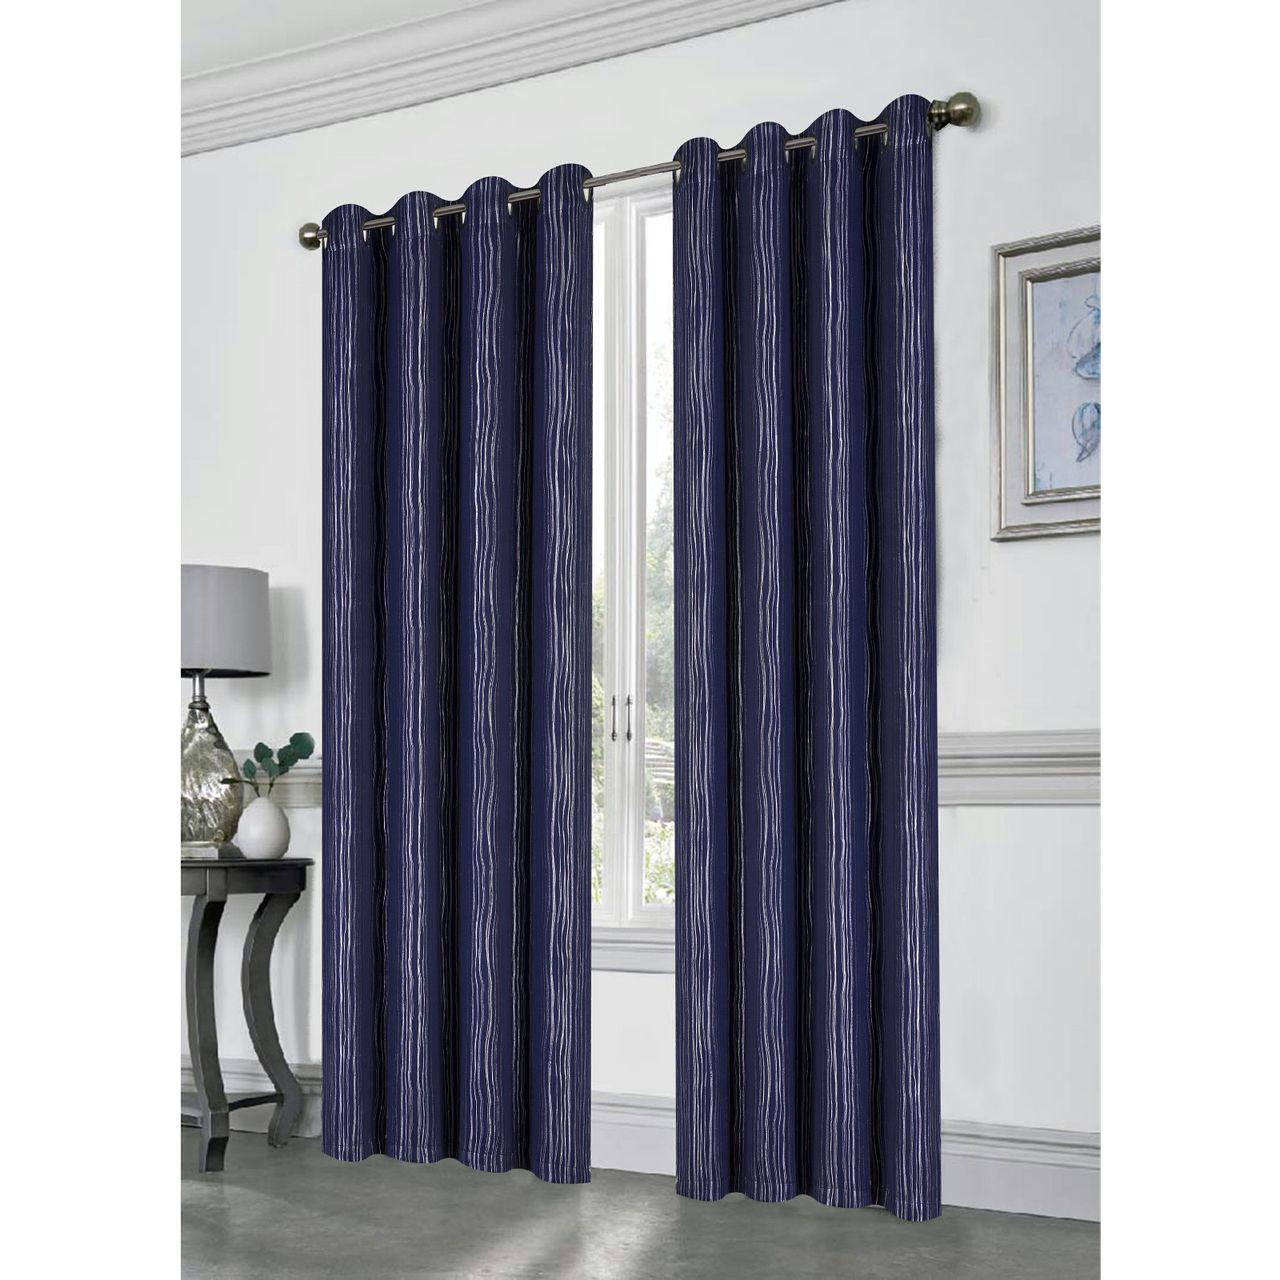 how many curtain panels do i need